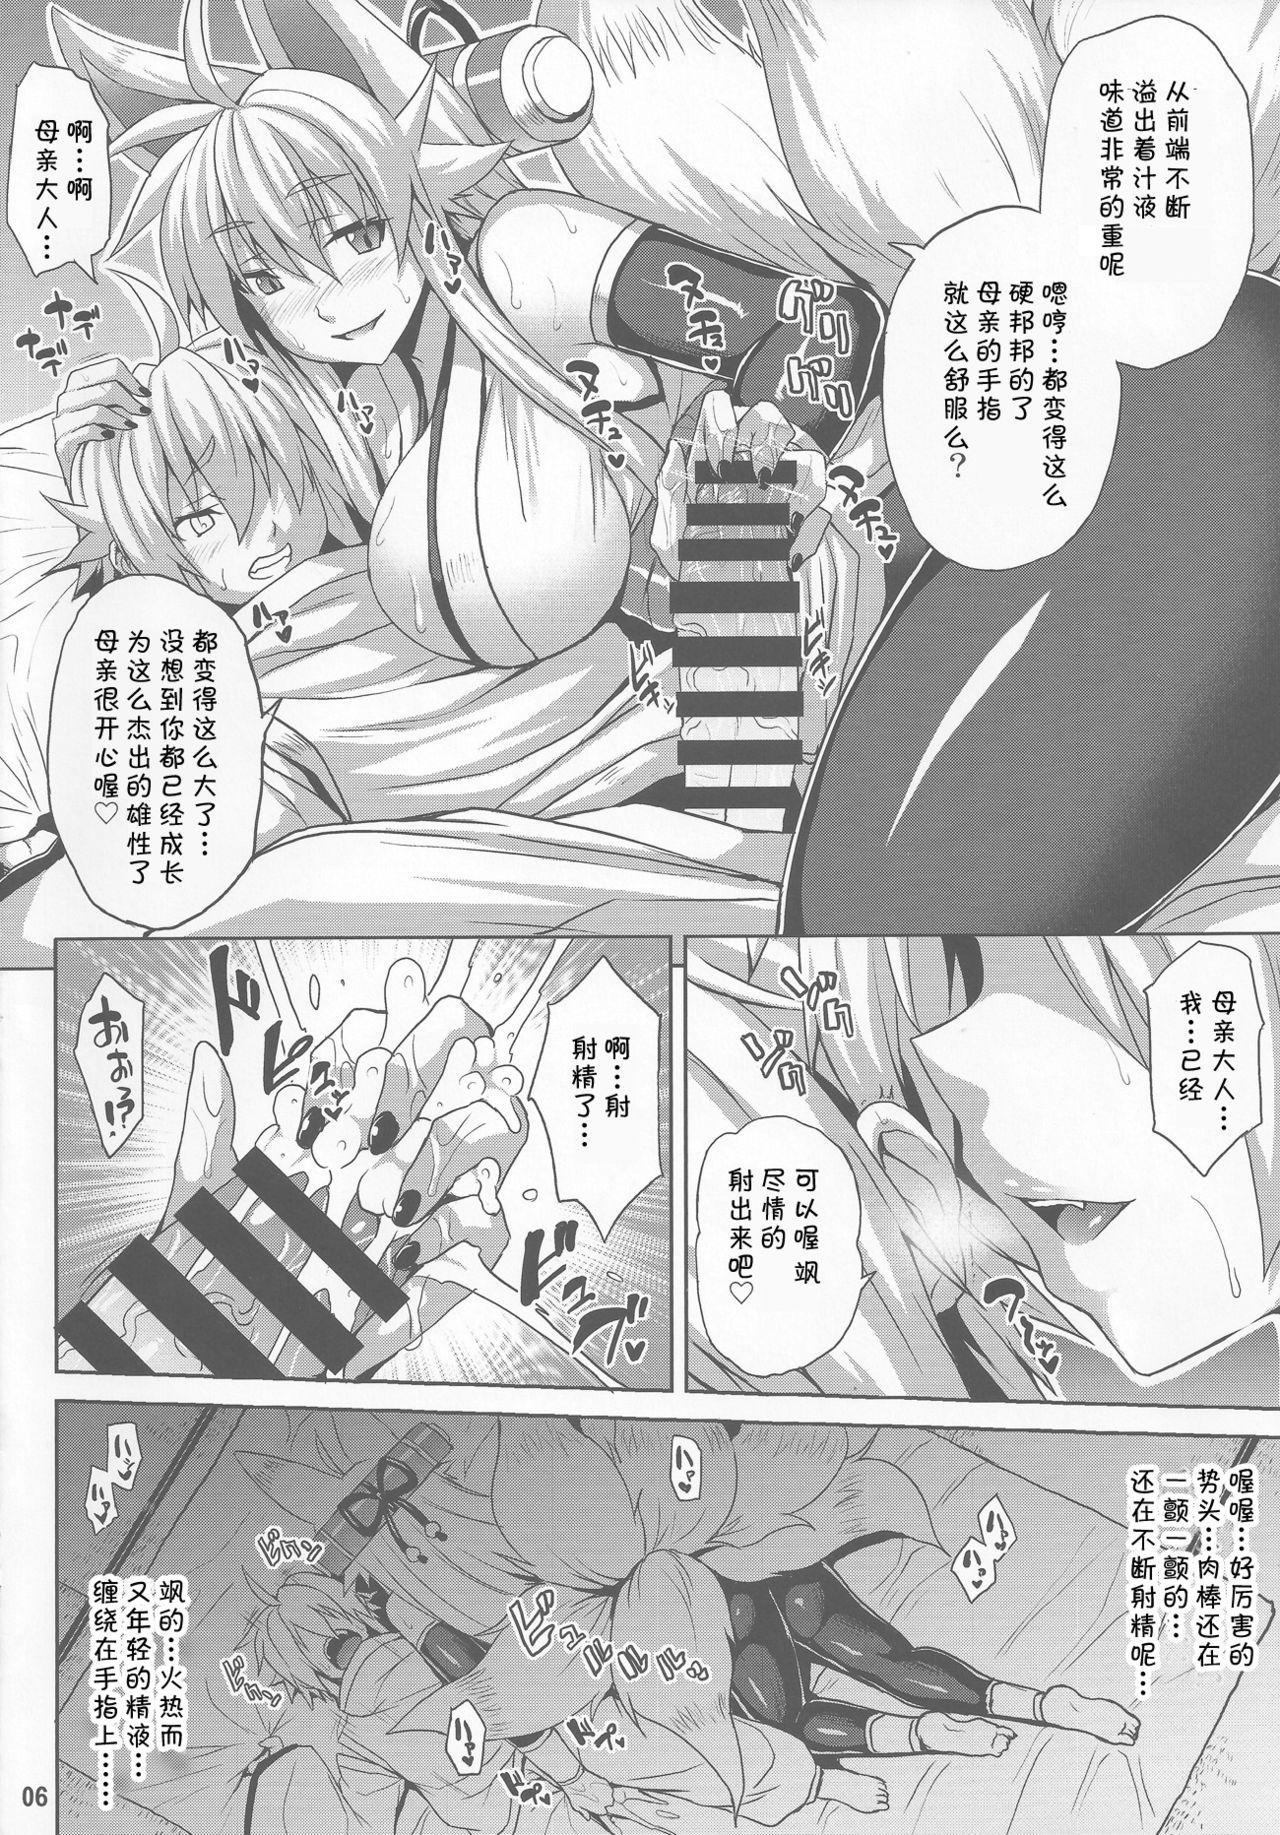 Konjuu Inkyo Kurashi 4